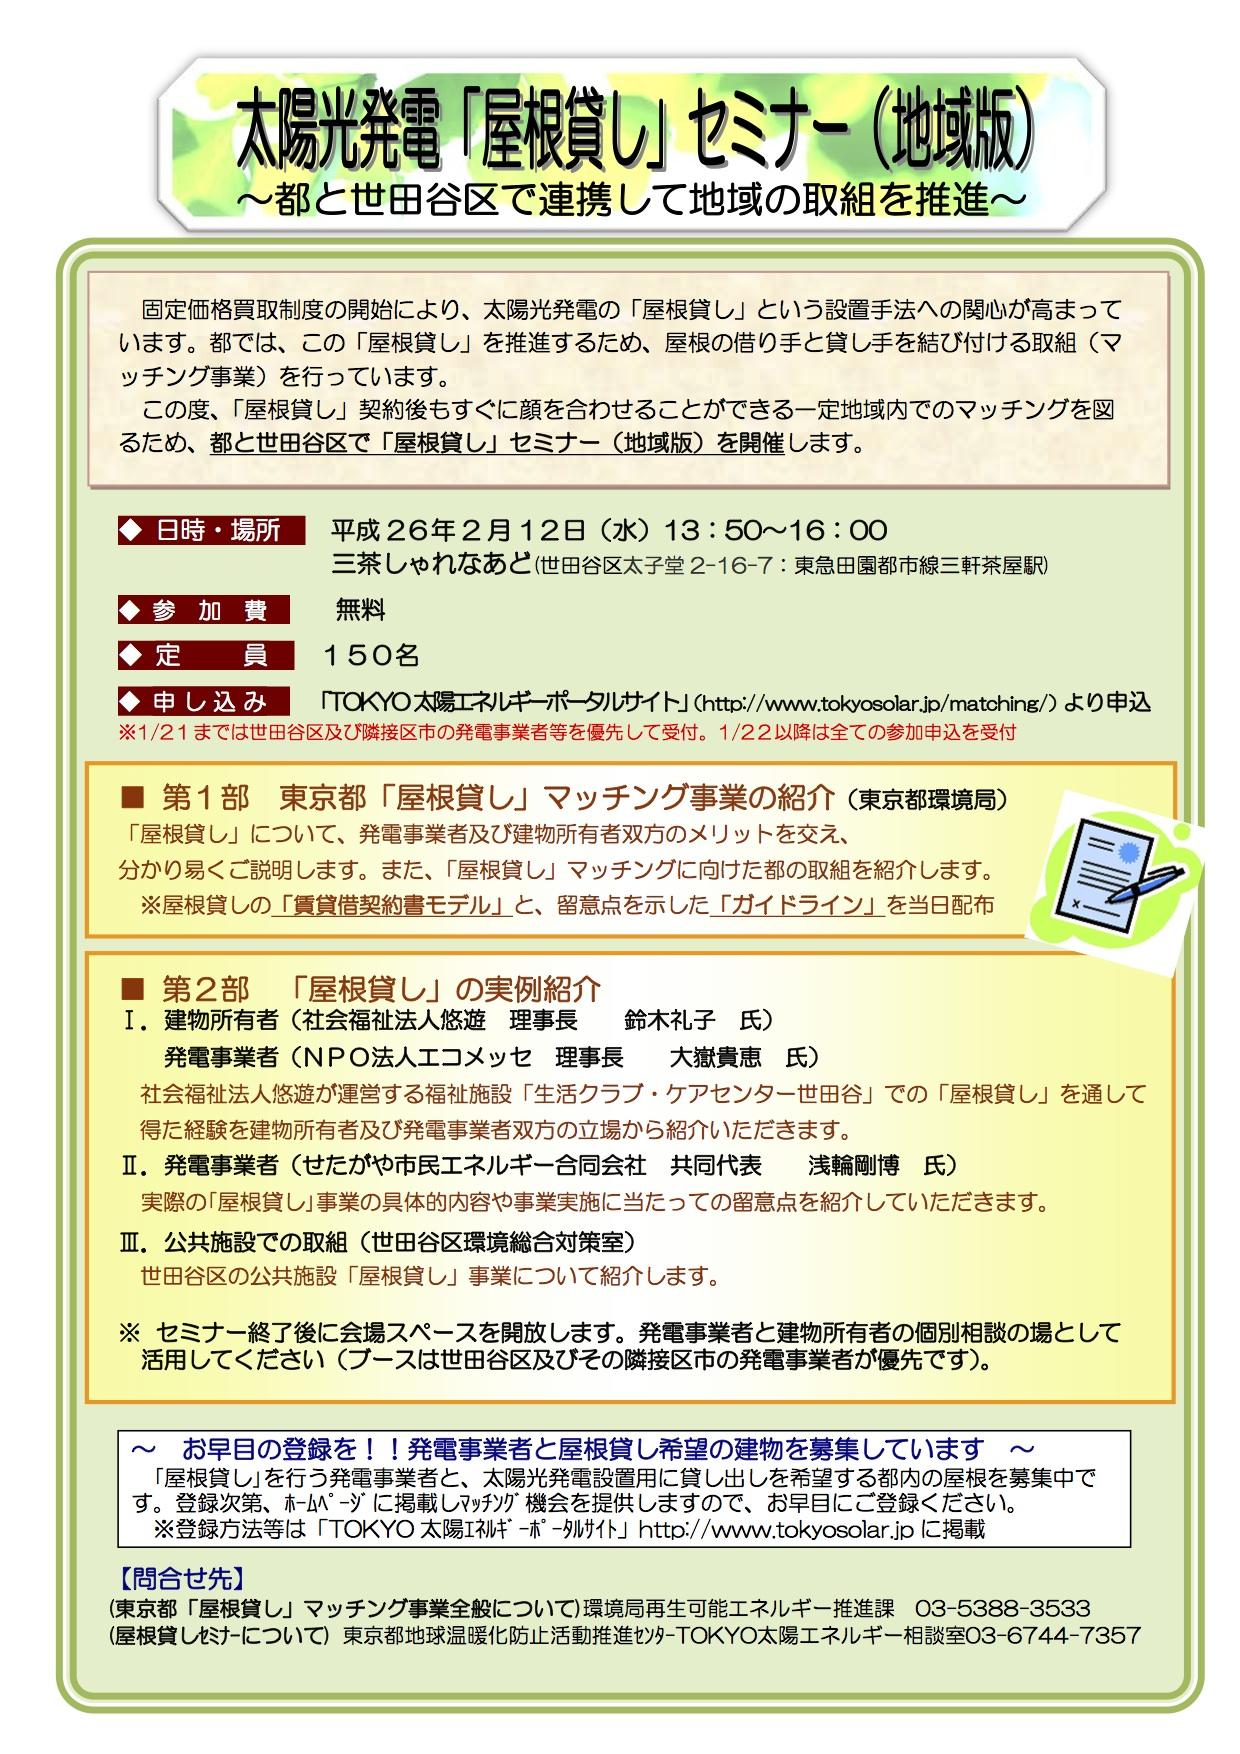 【開催案内】地域屋根貸しセミナー(世田谷区) のコピー